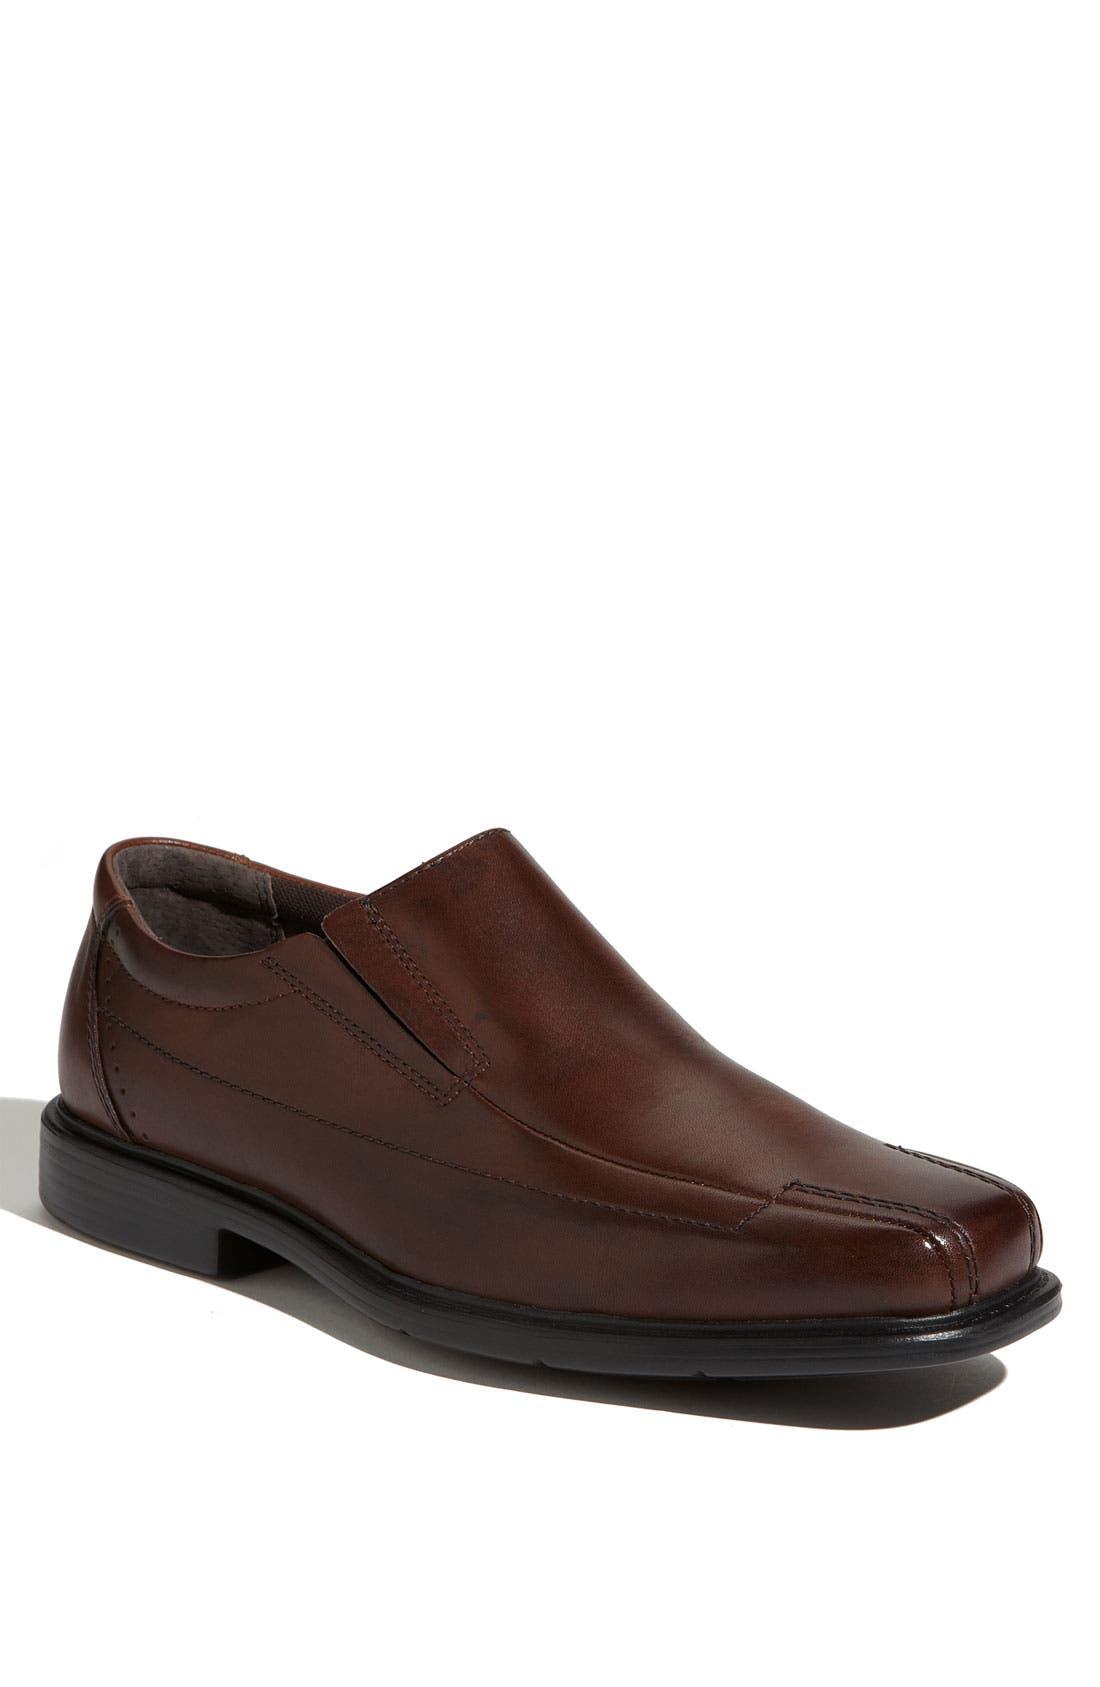 Alternate Image 1 Selected - Clarks® England 'Deane' Loafer